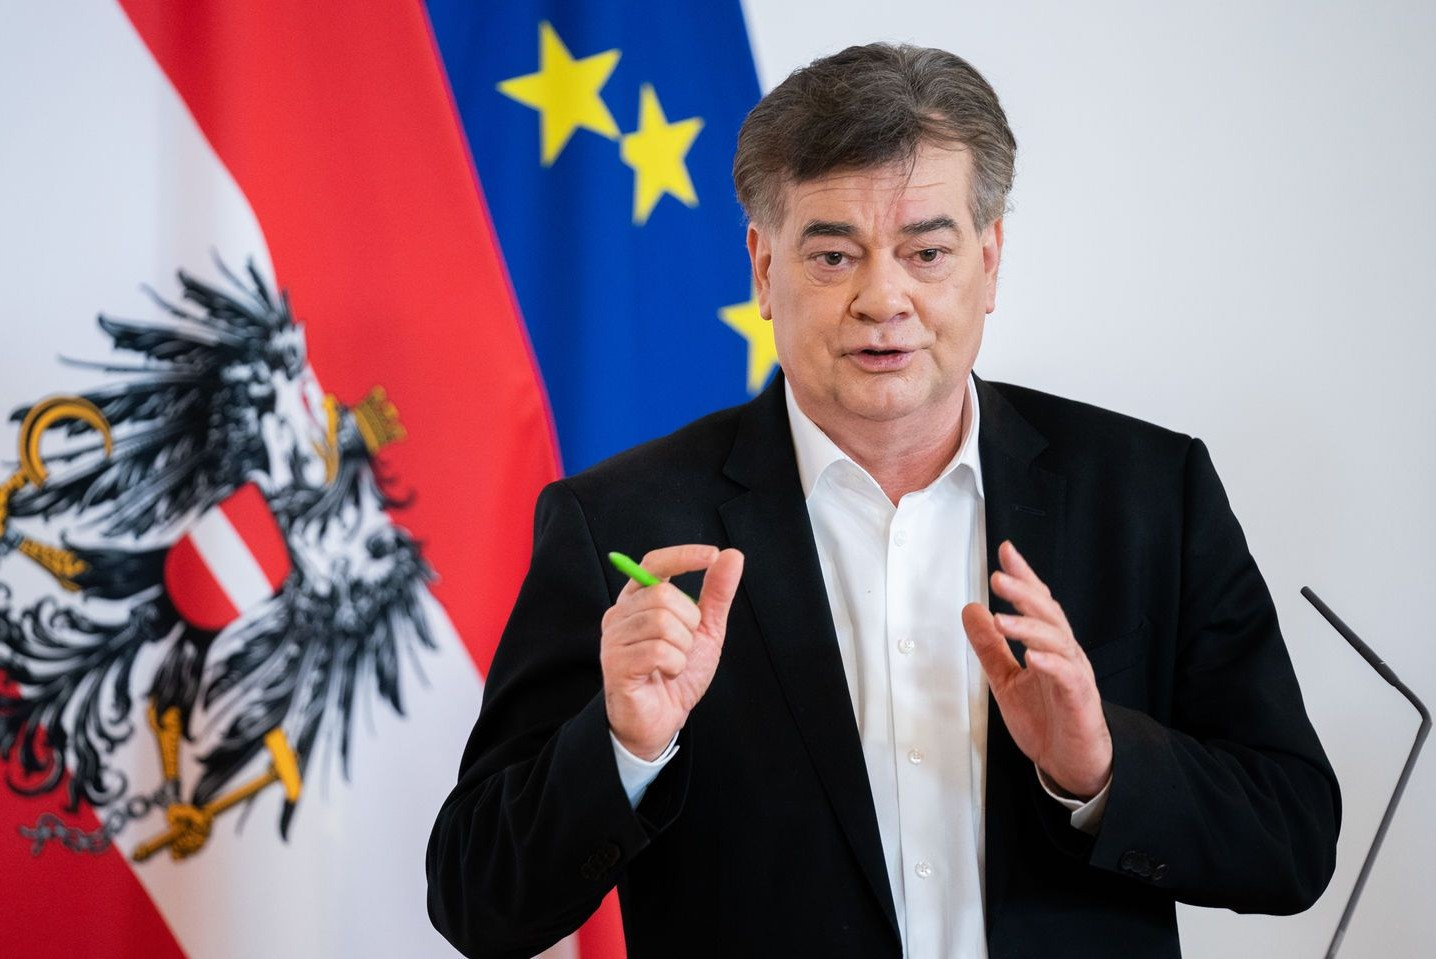 Vicekanclear Austrije Verner Kogler tokom obraćanja medijima (Foto: APA/Georg Hochmuth)